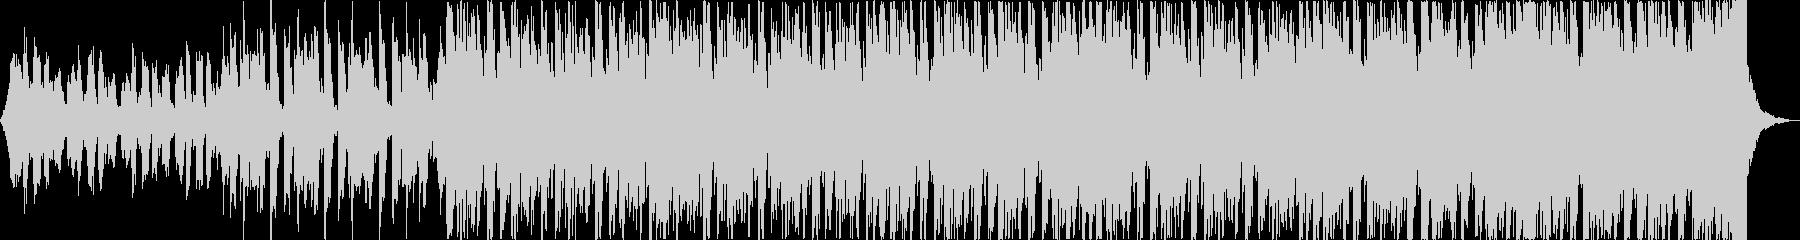 軽快清涼感クールEDMトロピカルハウスbの未再生の波形